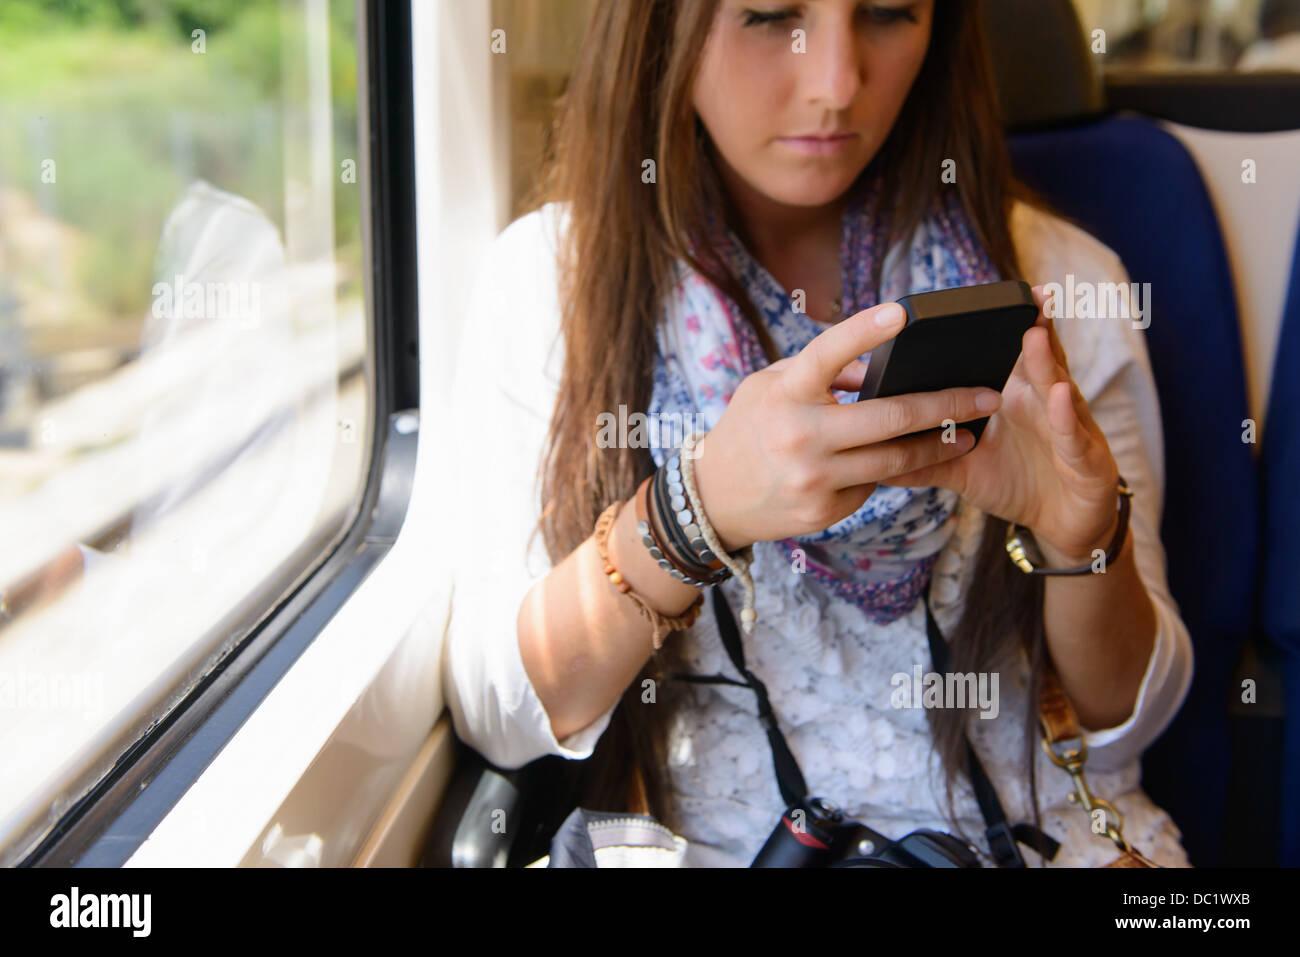 Junge weibliche Touristen auf Reisen auf Nahverkehrszug, Katalonien, Spanien Stockbild